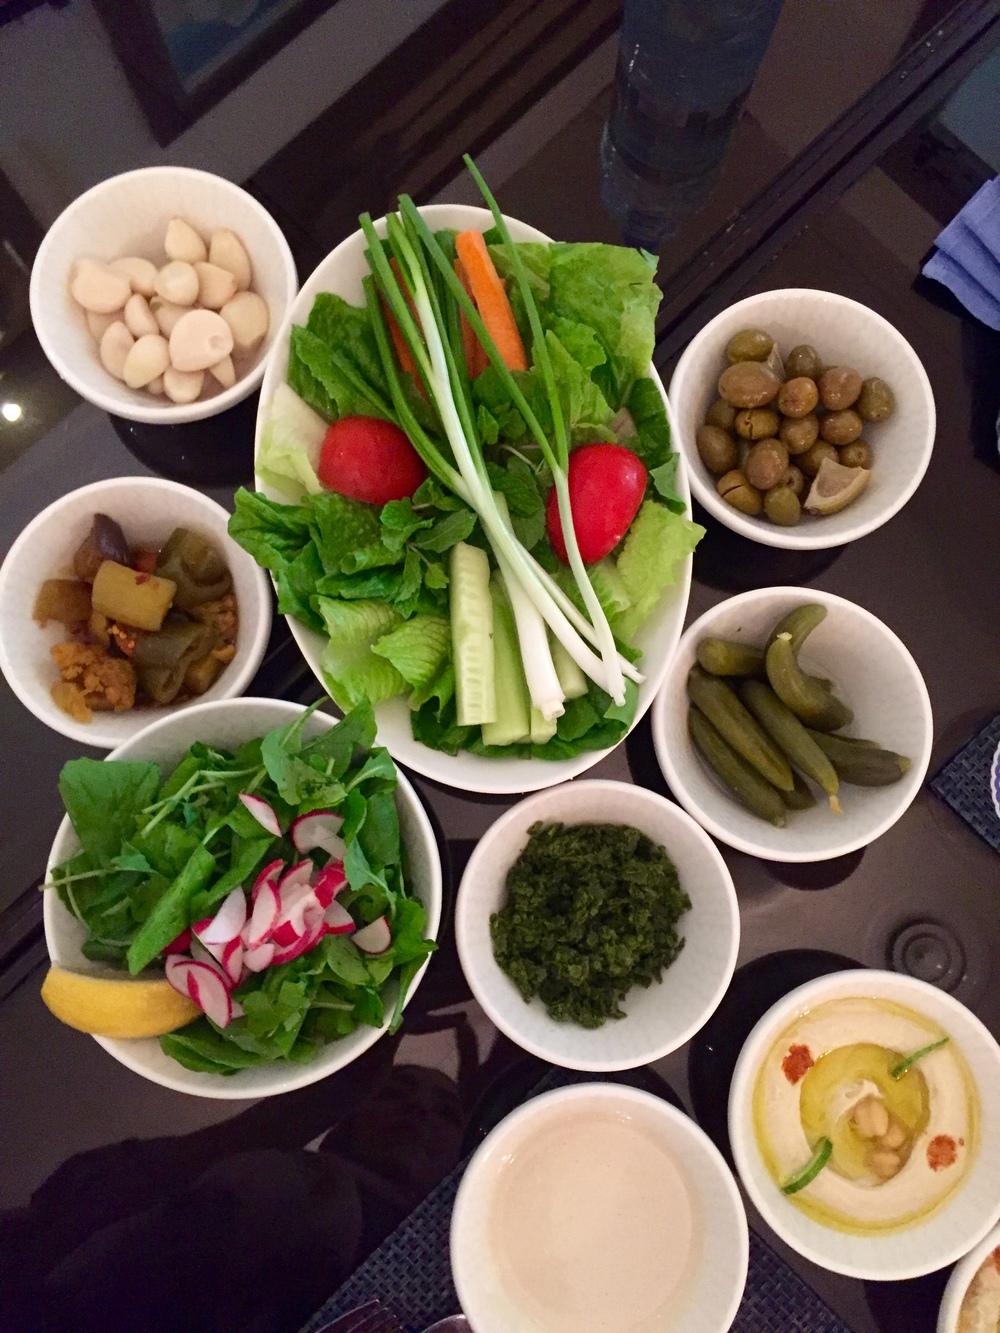 Images by Anna Maria Sandegren, Muhallab Restaurant